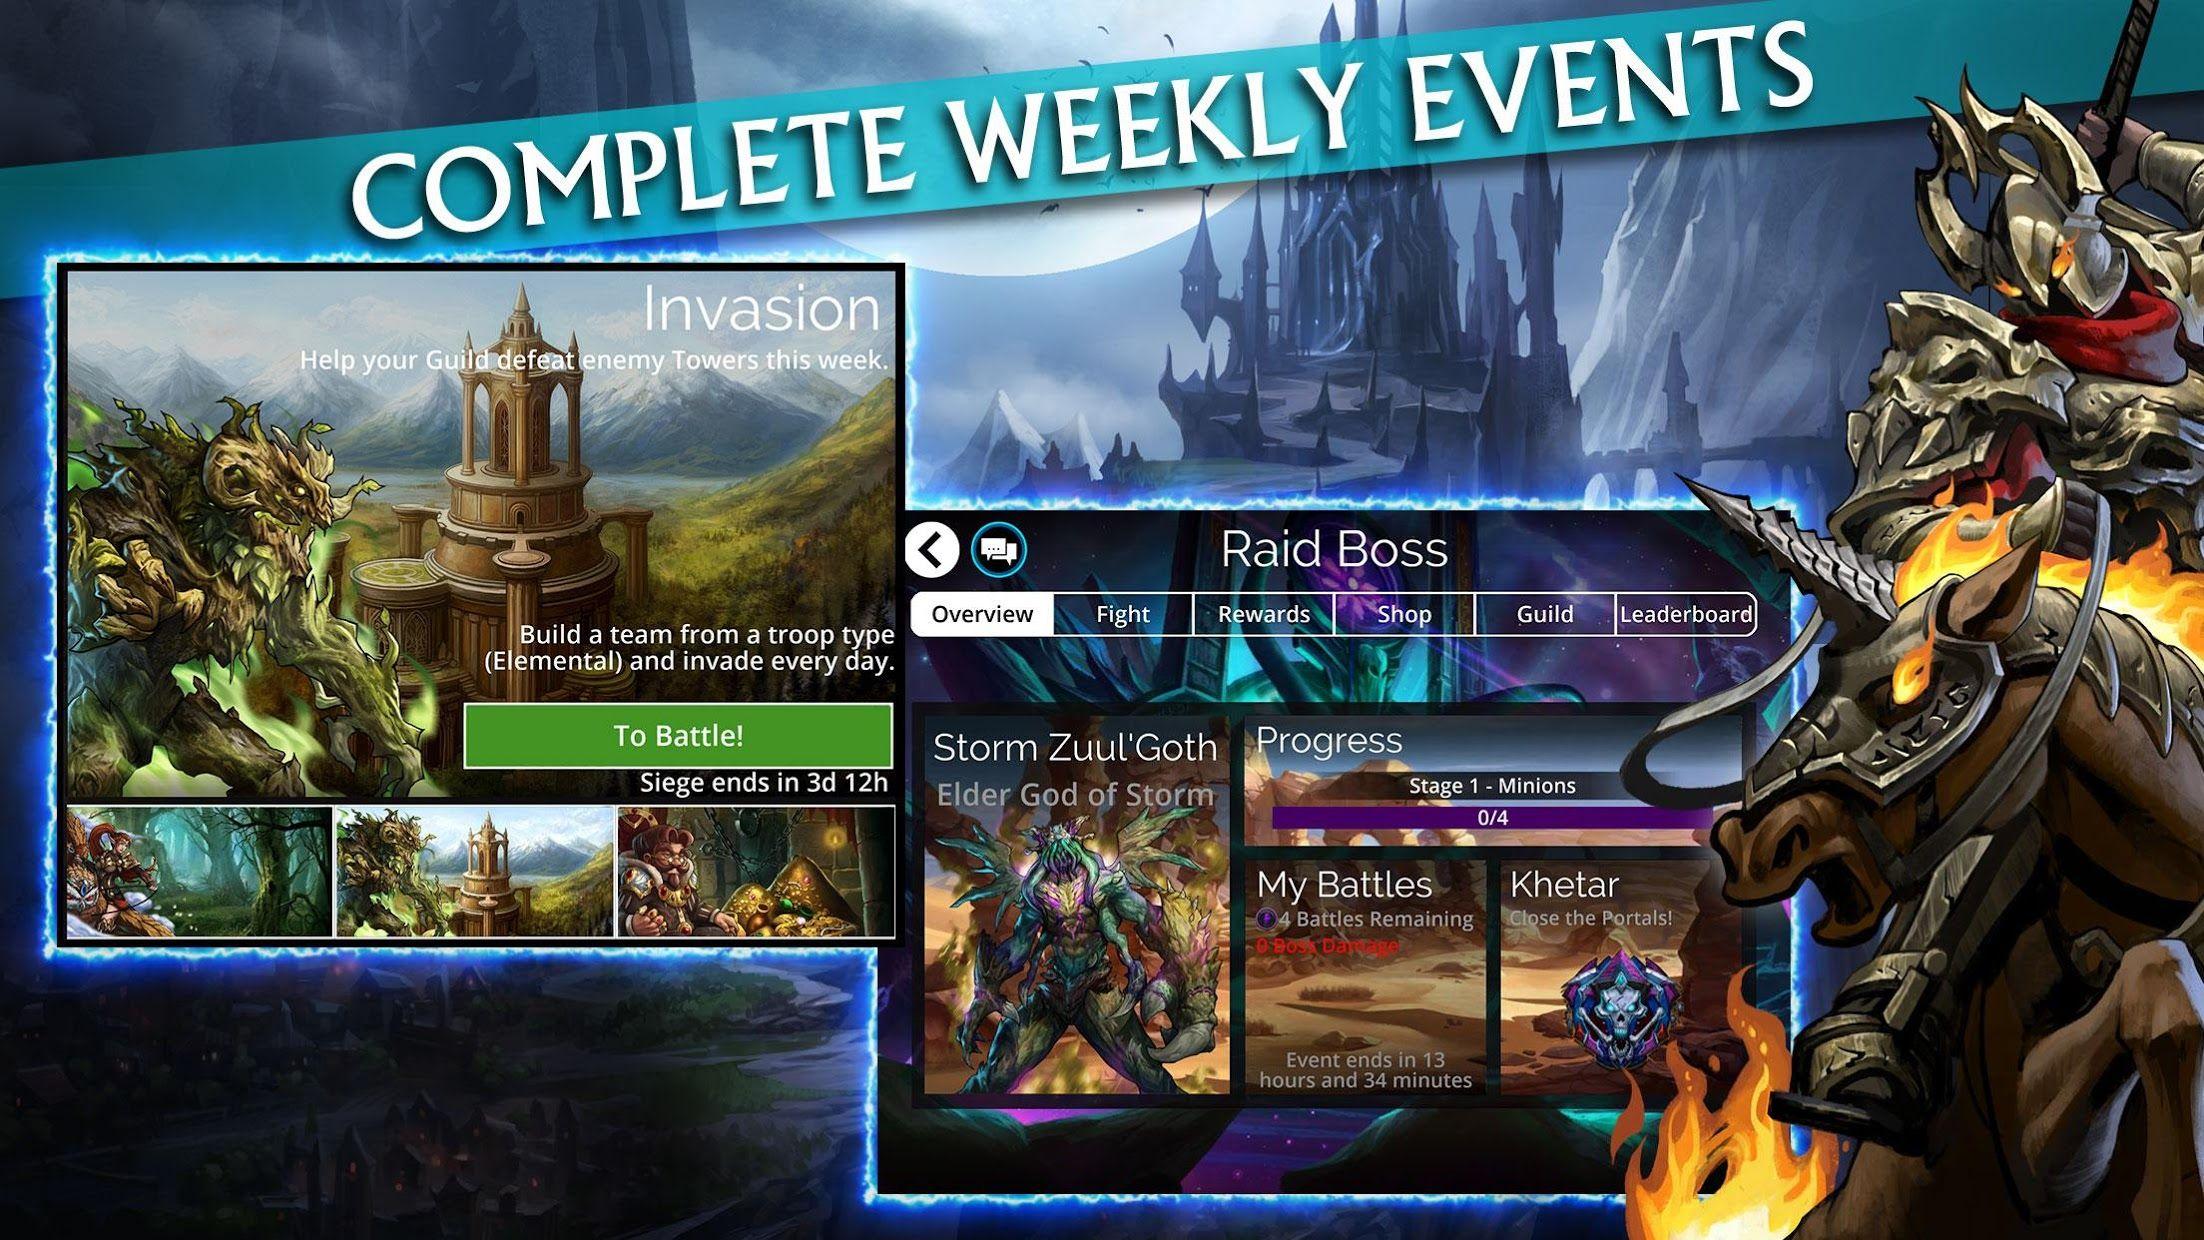 Gems of War - Match 3 RPG 游戏截图4